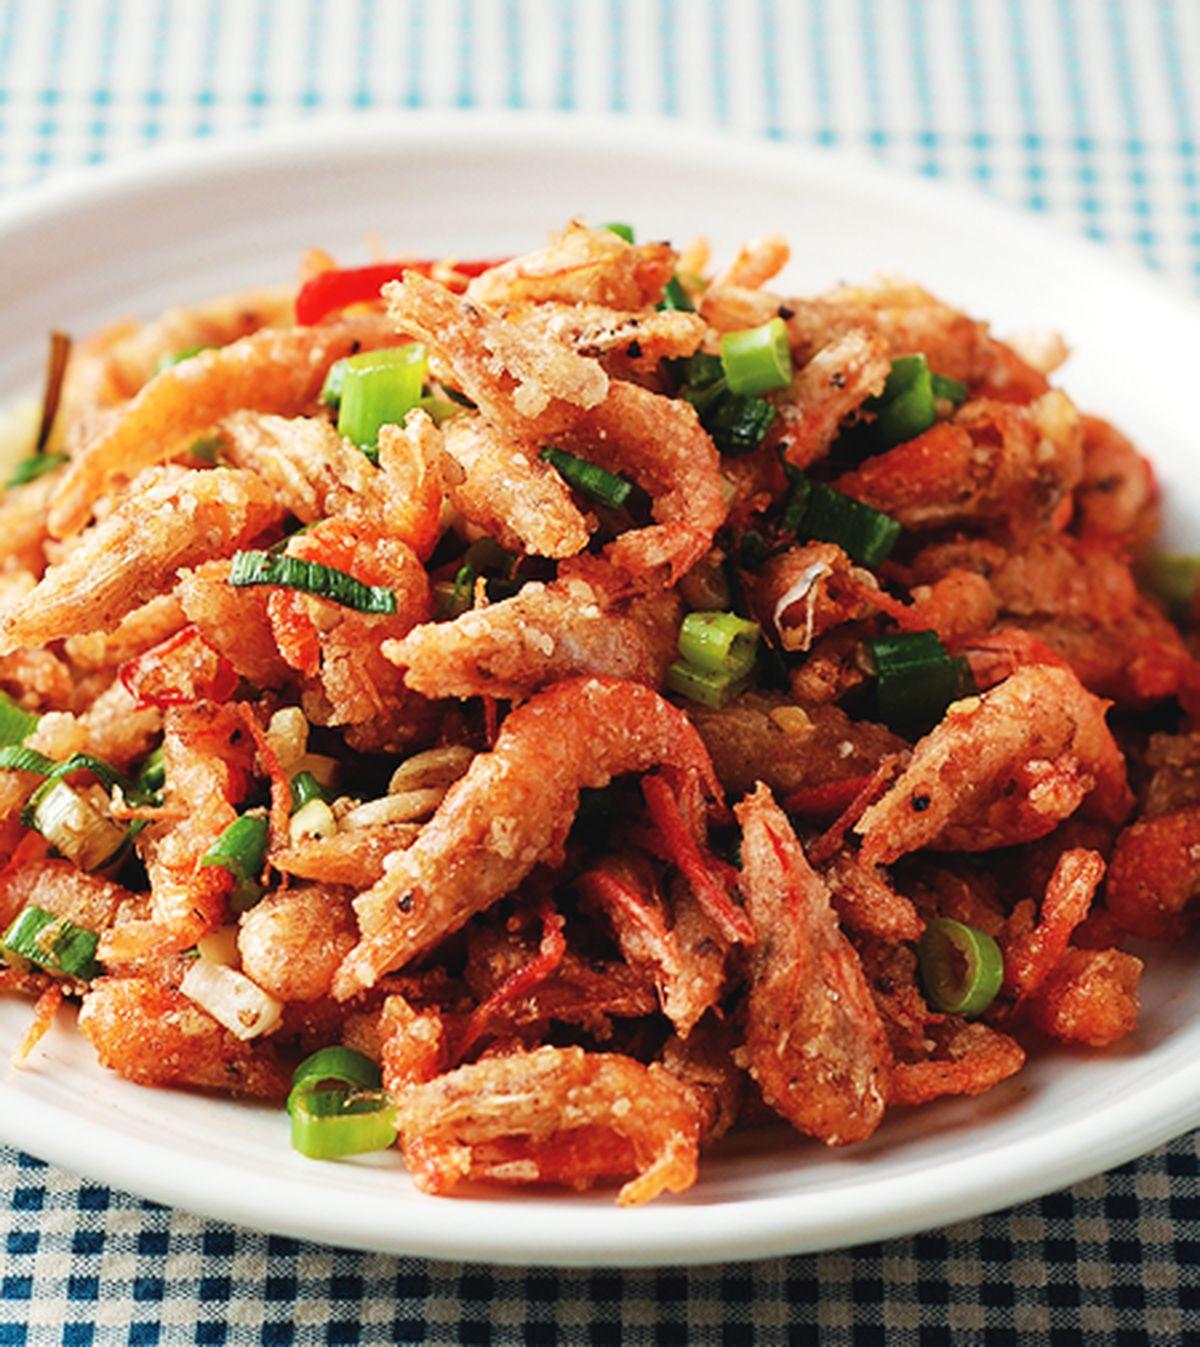 食譜:蔥炸溪蝦